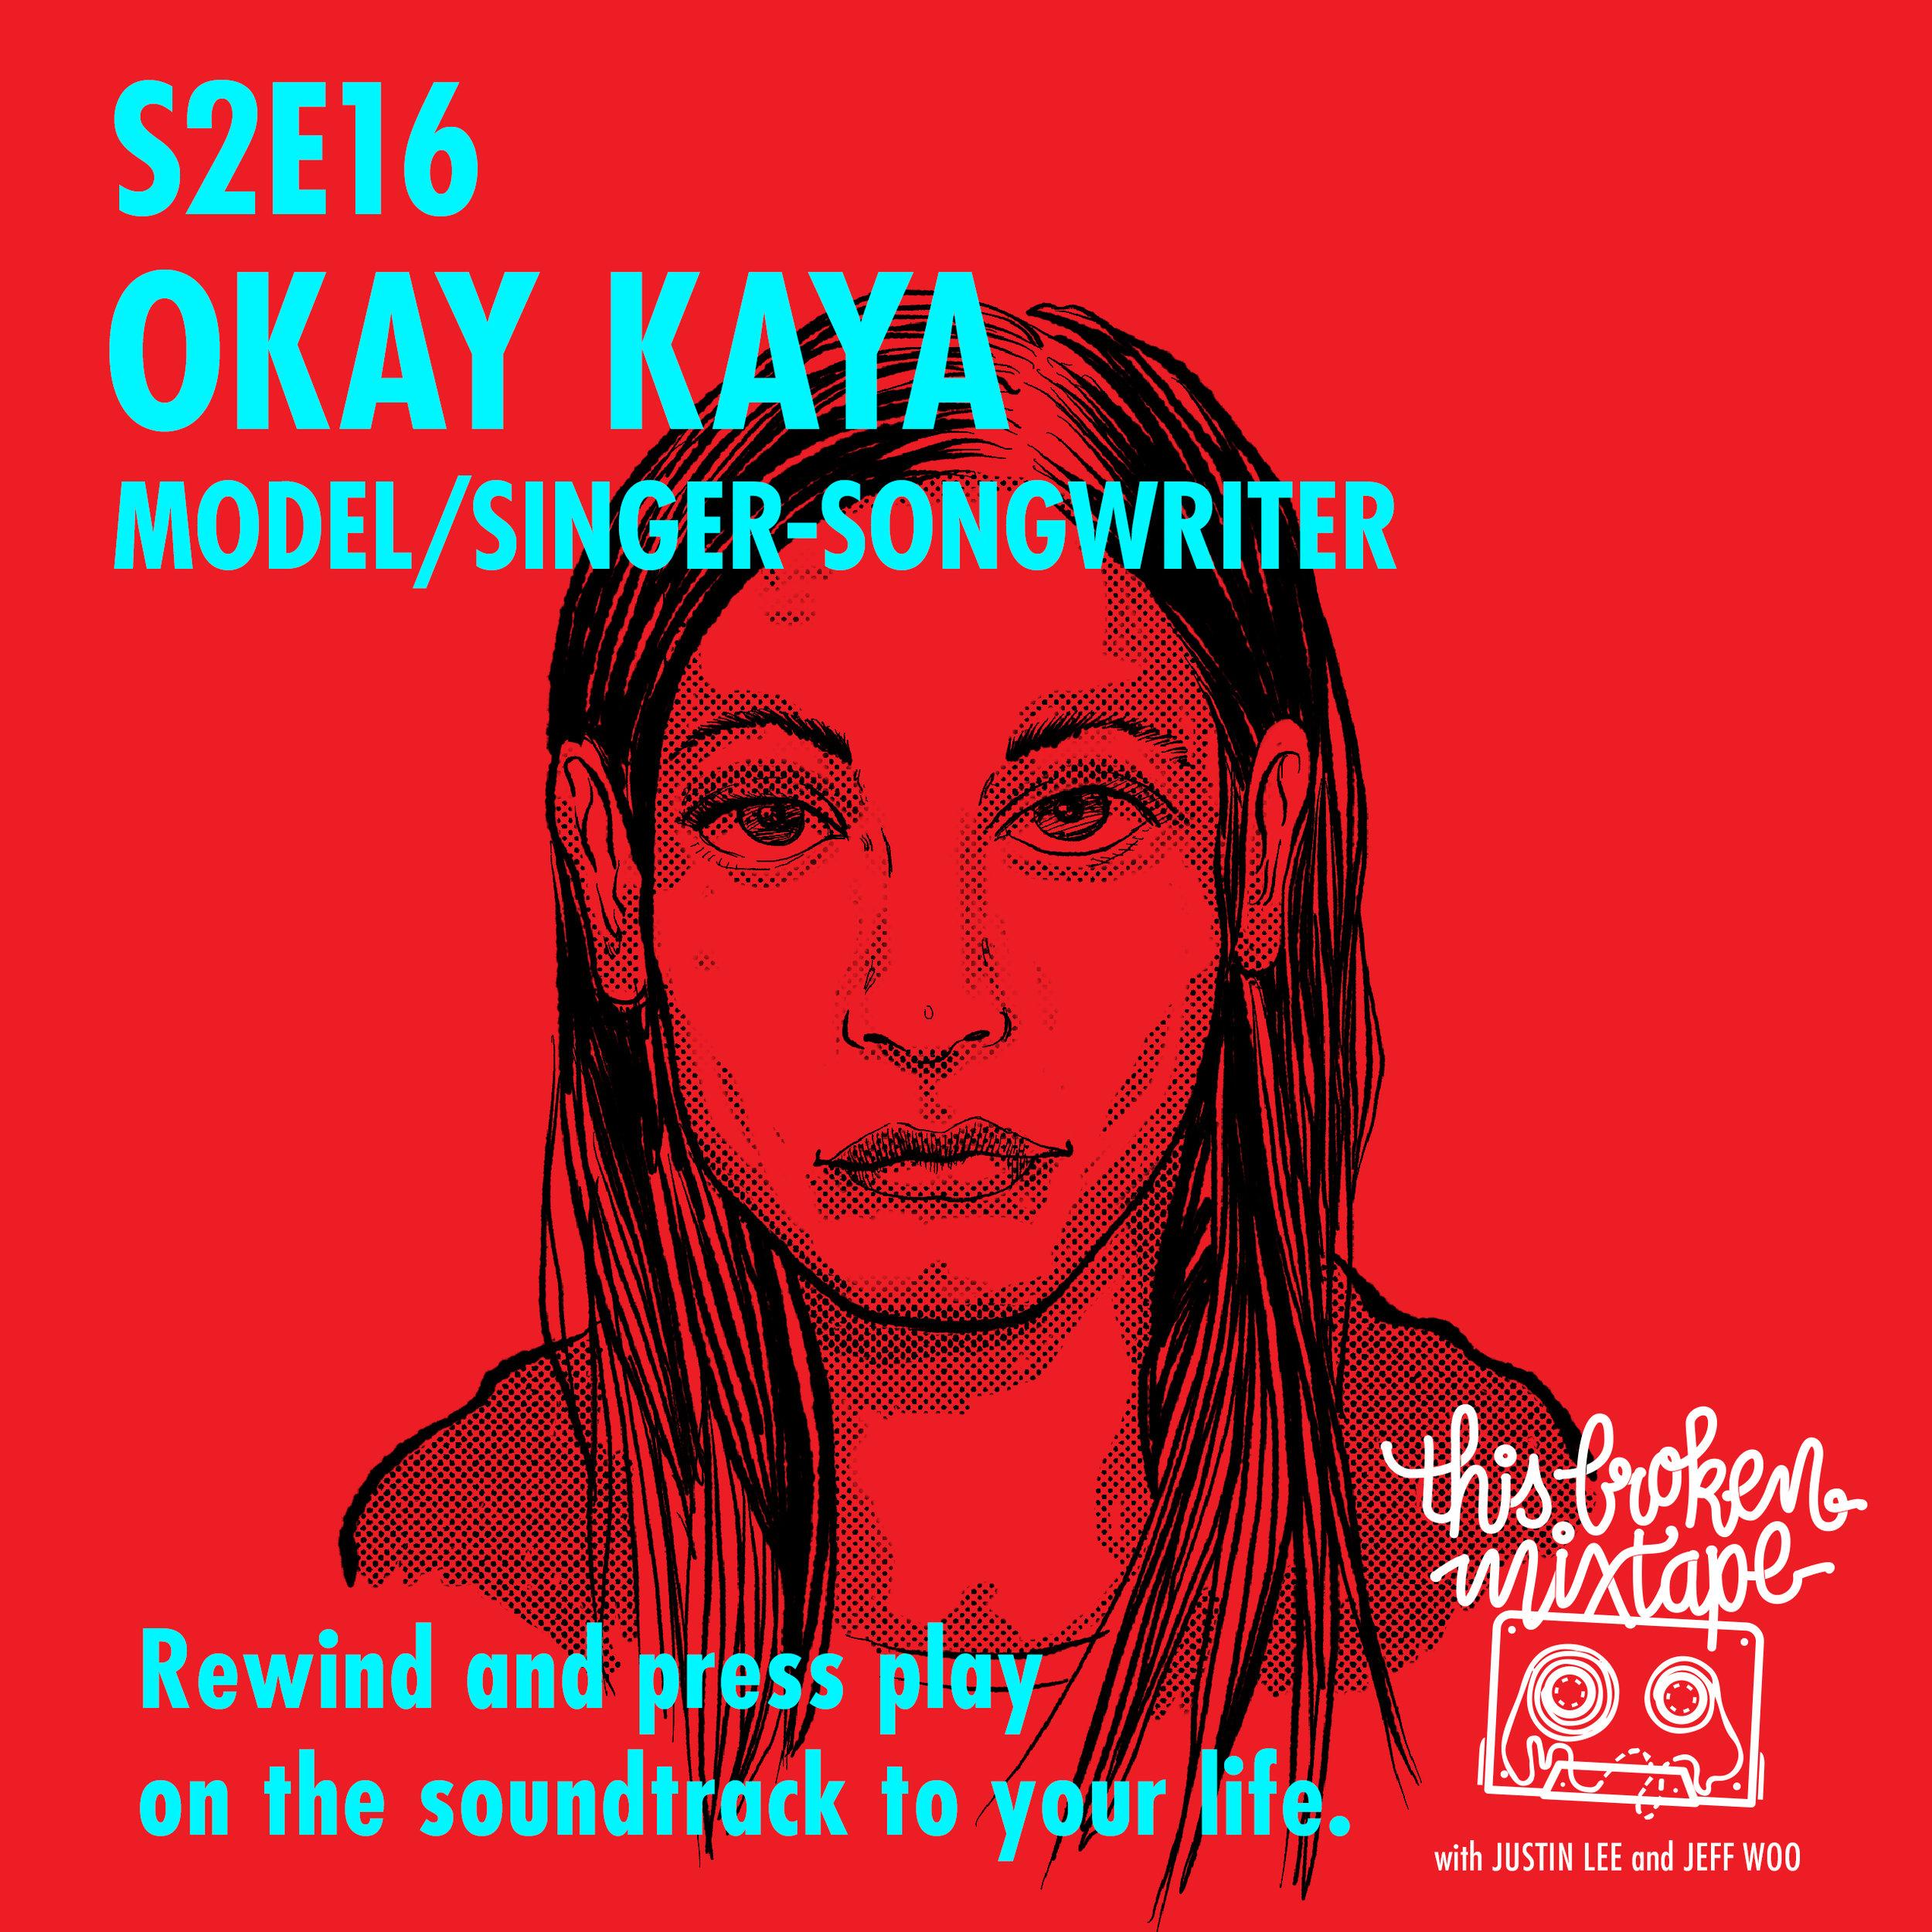 S2E16_OKAY_KAYA_square_v1.jpg